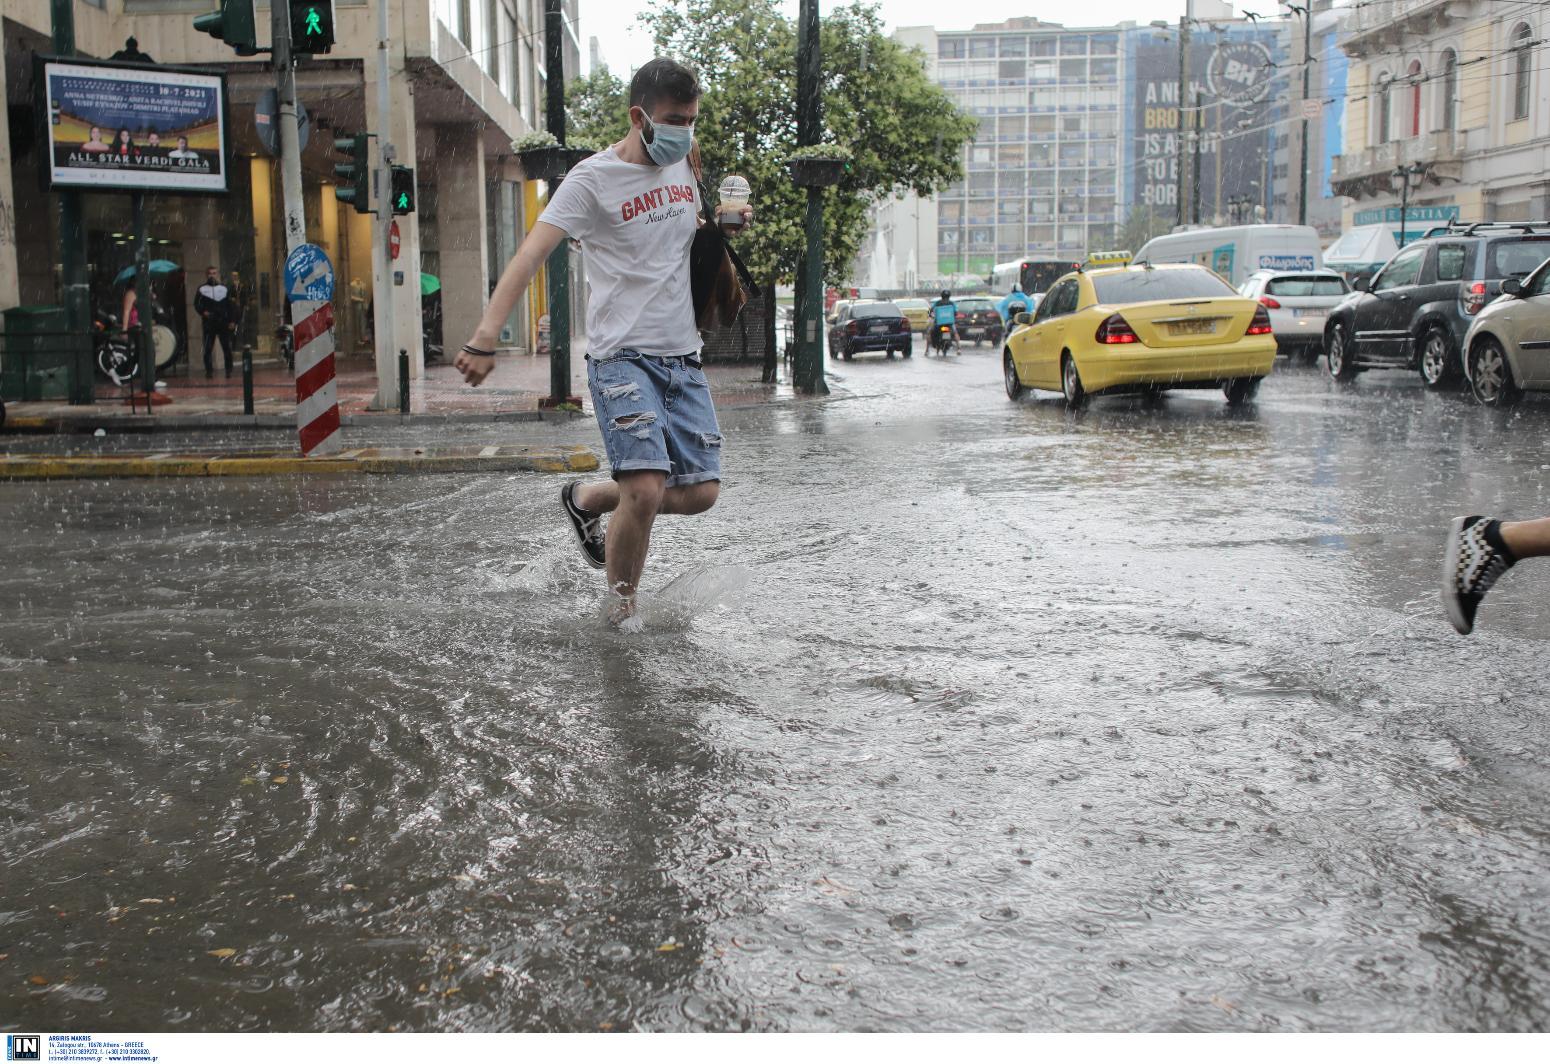 Αττική: Έντονη καταιγίδα, προβλήματα στην κυκλοφορία!